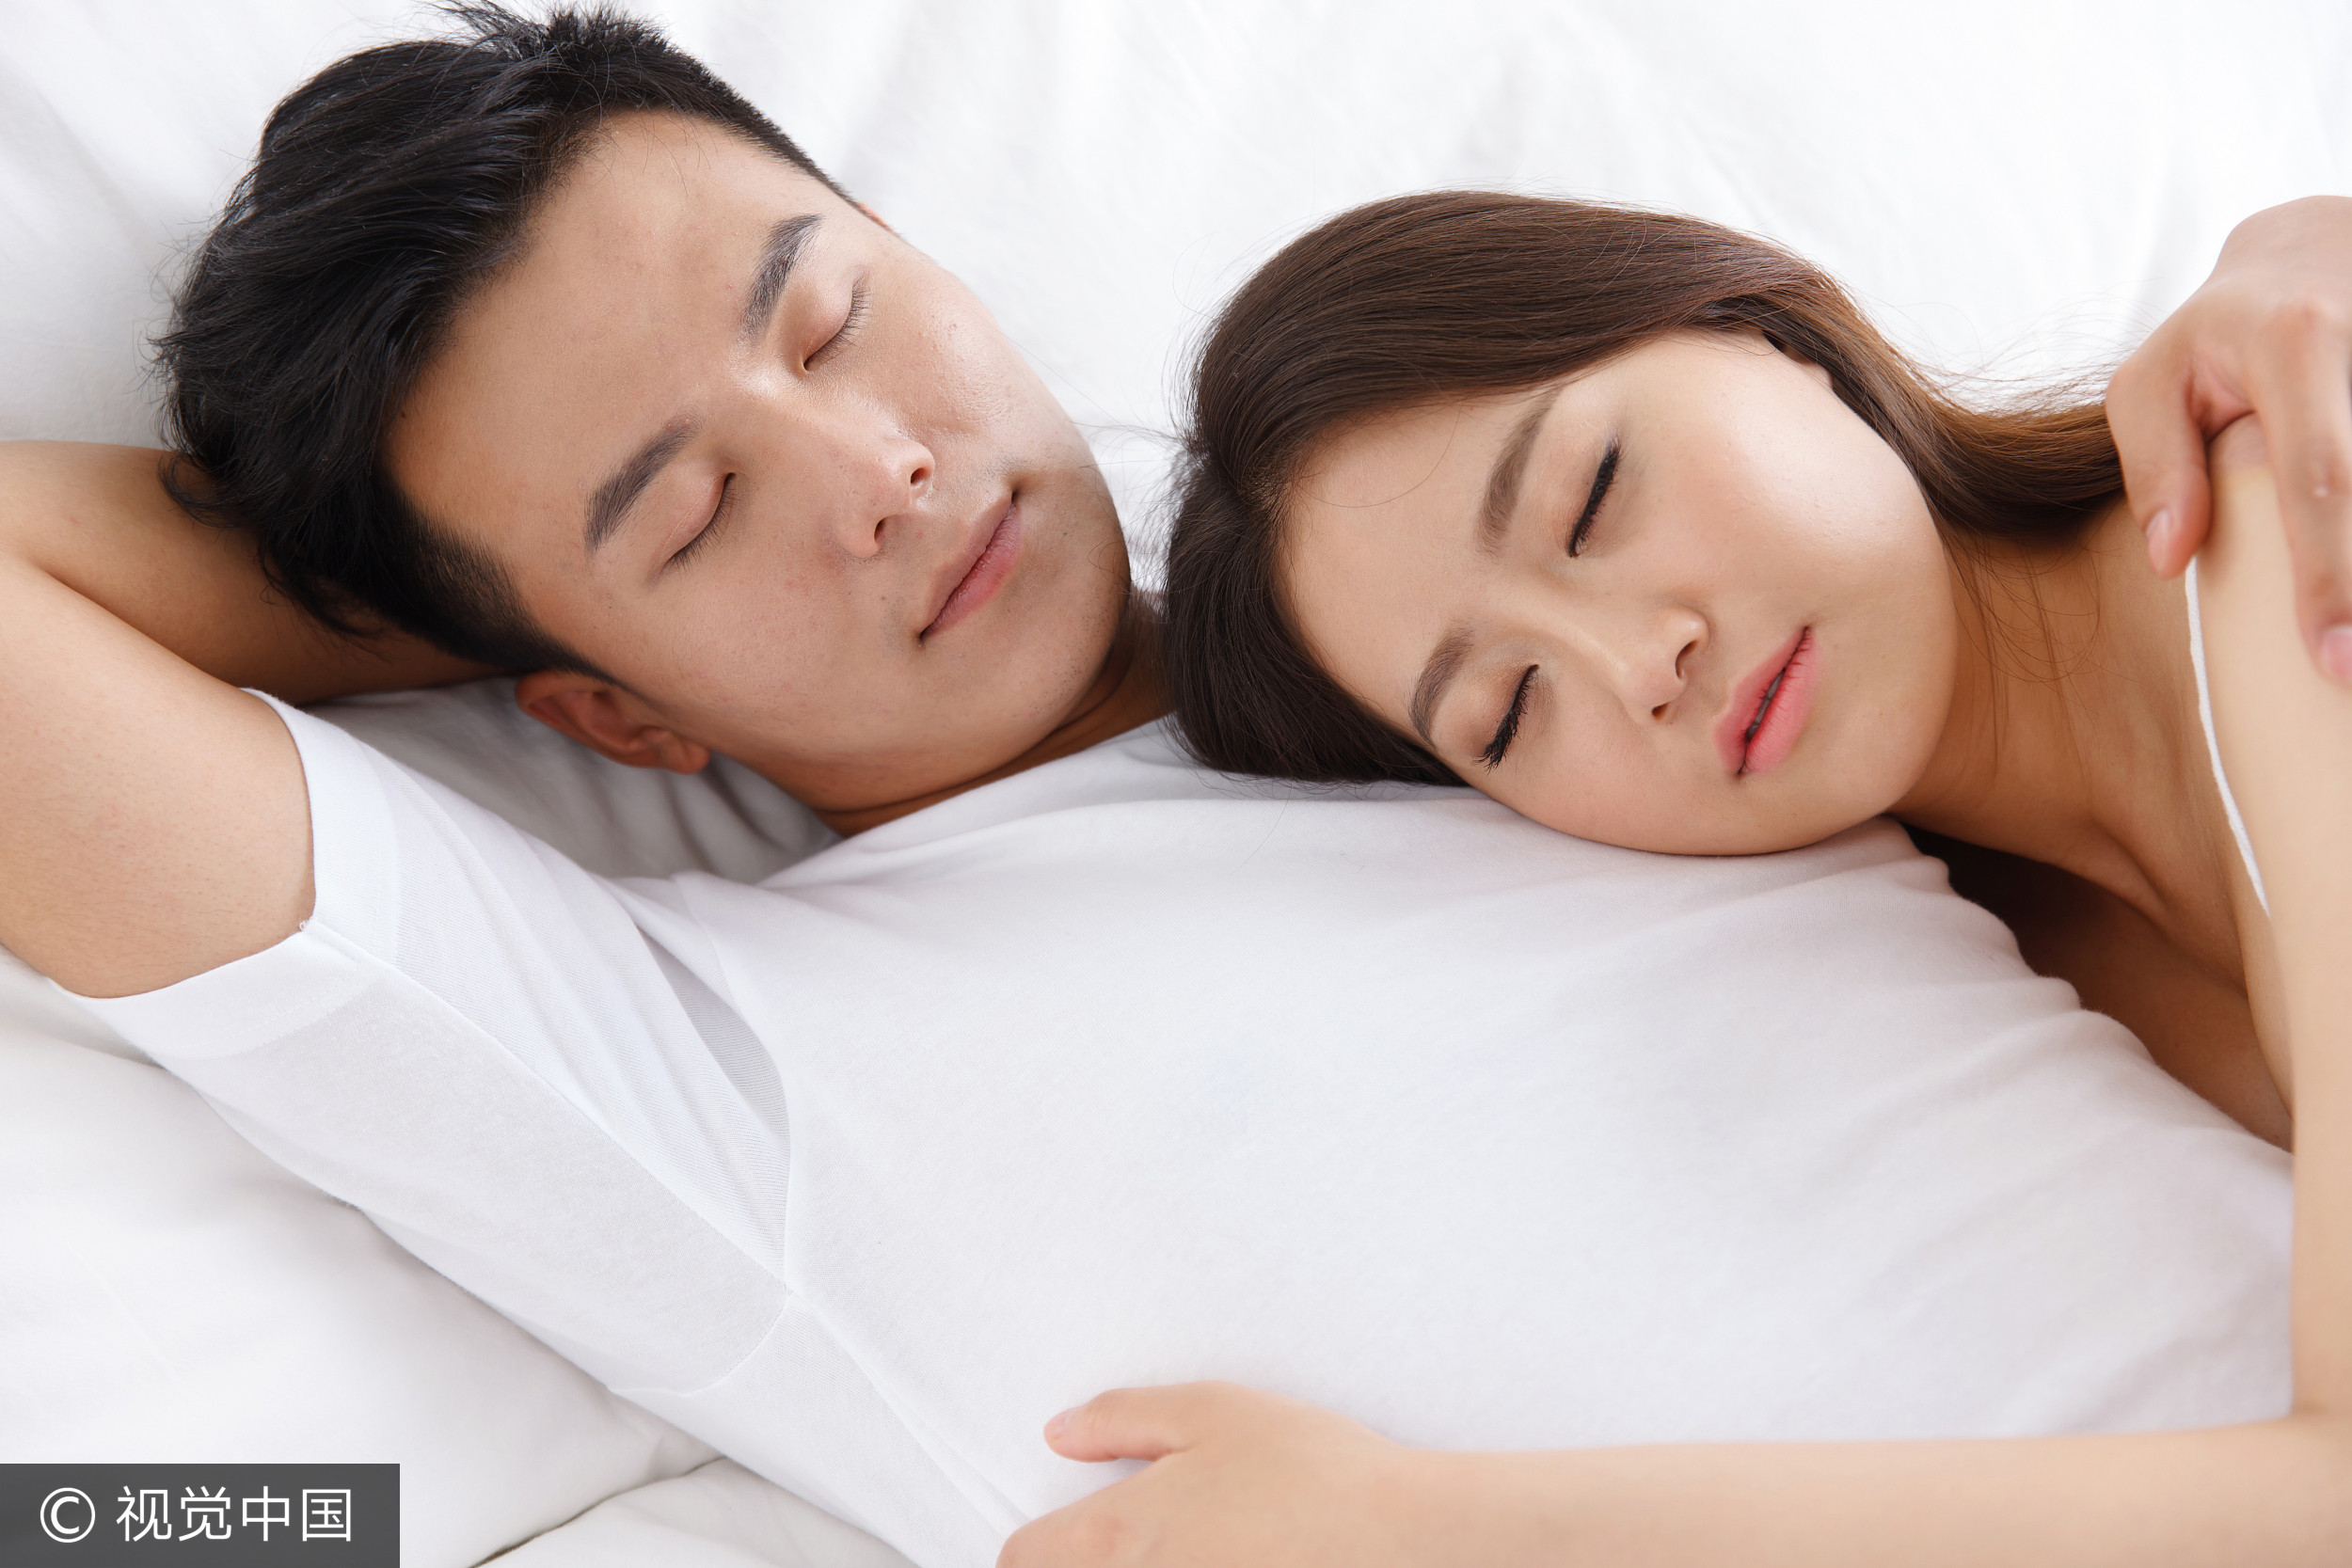 文章承认婚外情_玩婚外情的下场_婚外情测试